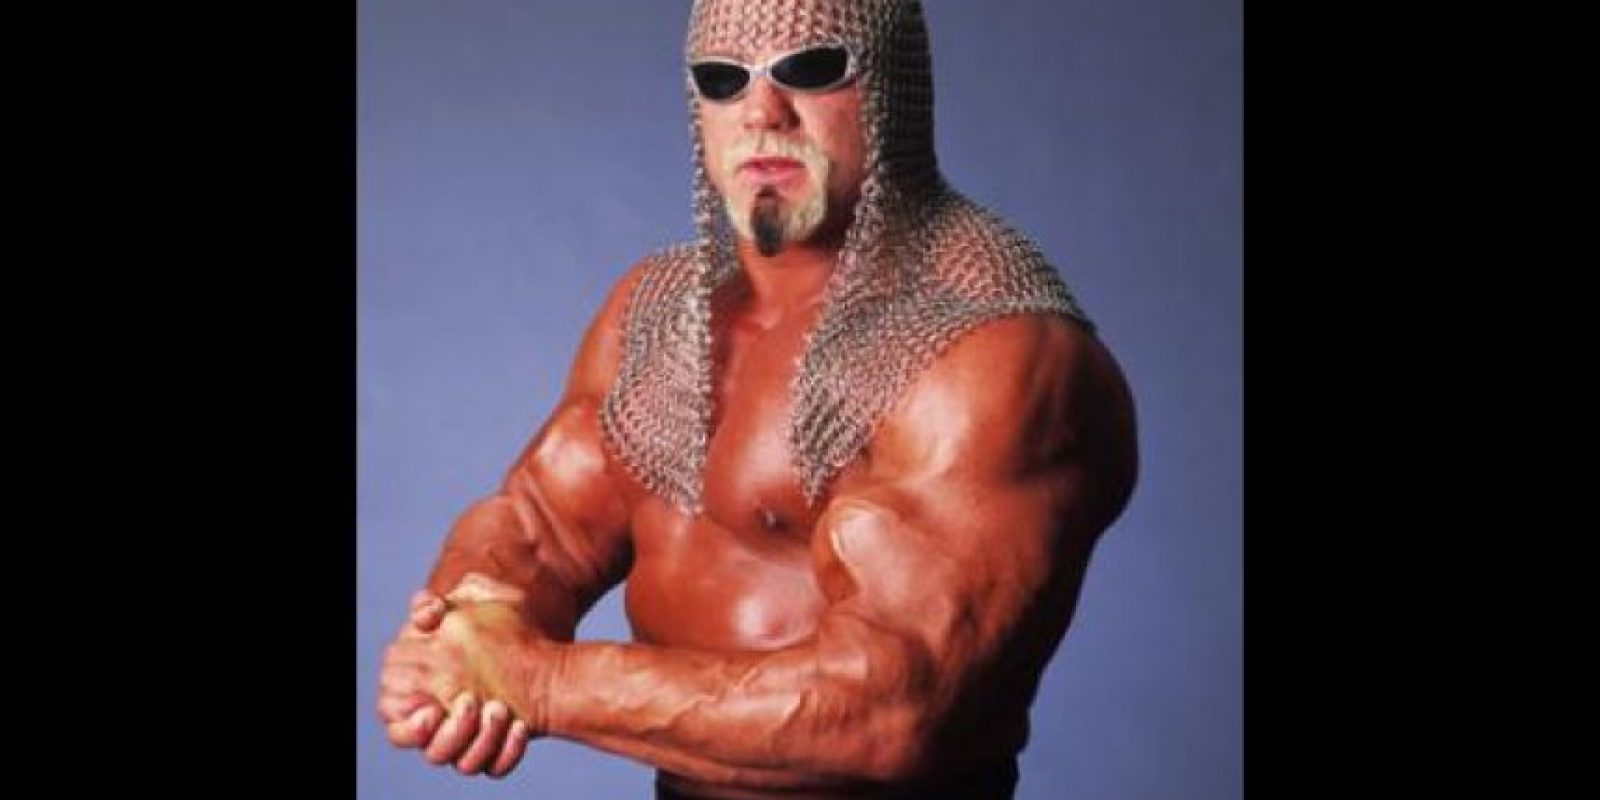 Steiner culpa a Hogan por la desaparición de la WCW Foto:WWE